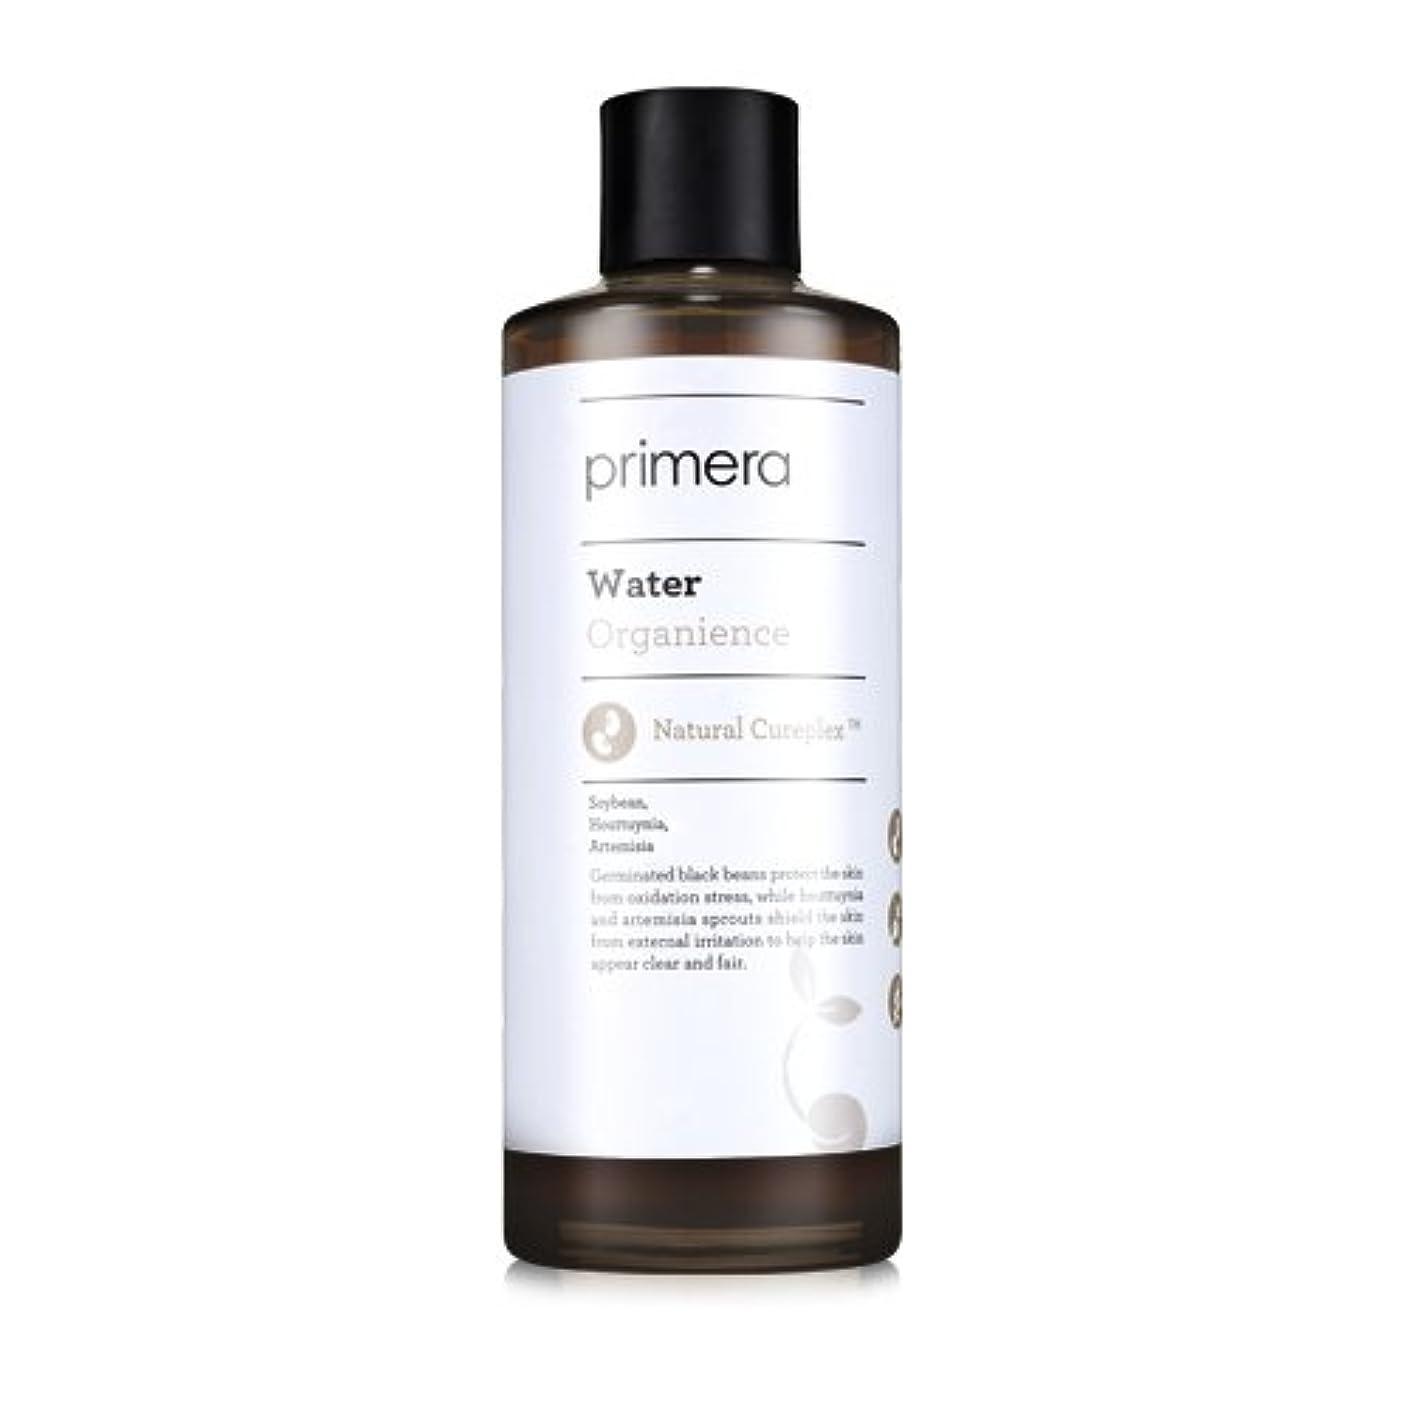 はっきりしない鉱石クラシックPRIMERA プリメラ オーガニエンス ウォーター(Organience Water)化粧水 180ml